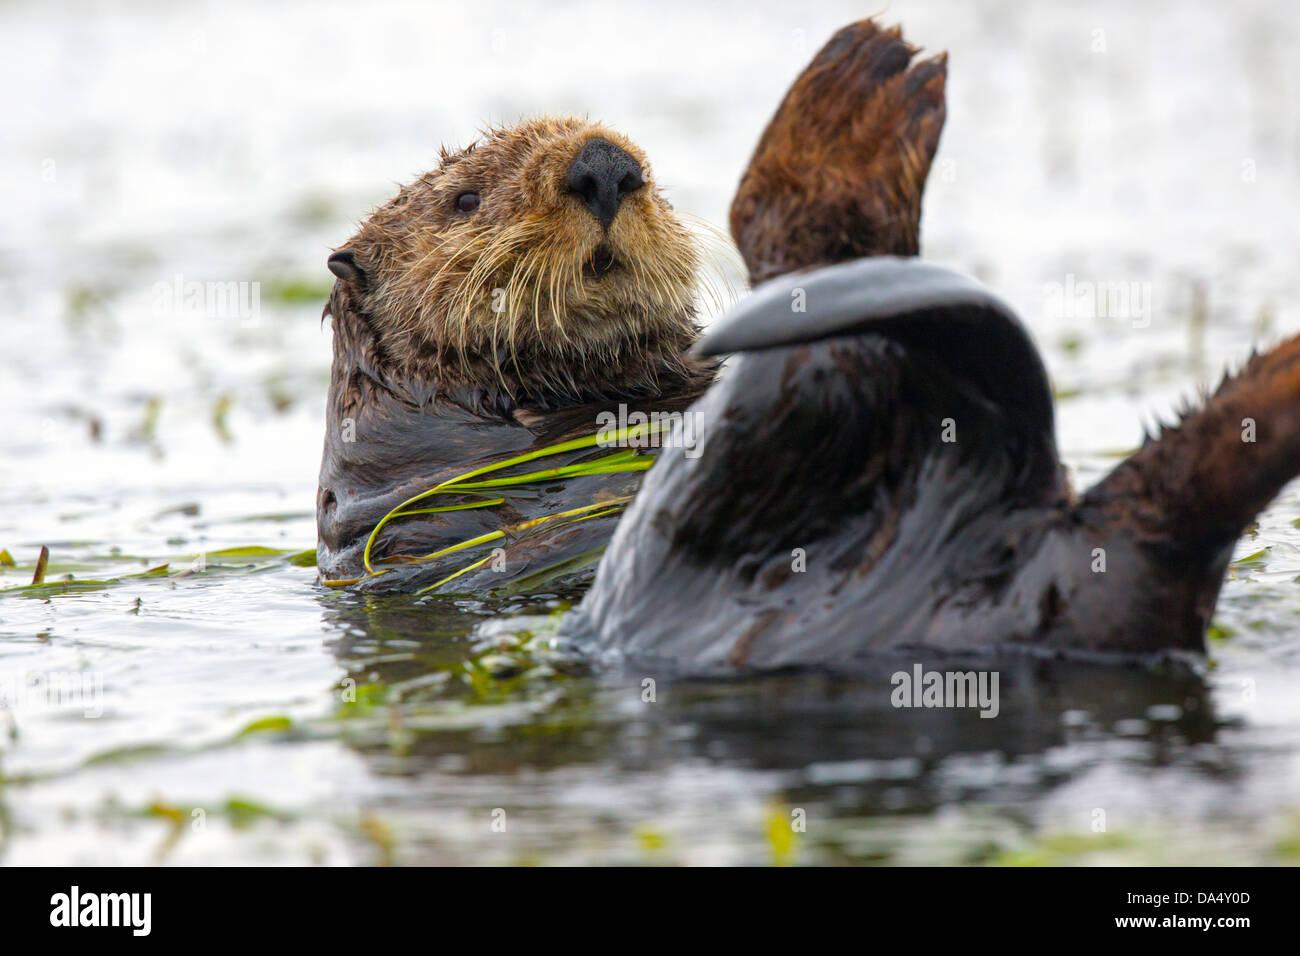 Loutre de mer (Enhydra lutris) Moss Landing, California, United States 24 juin des profils enveloppés de zostères. Photo Stock